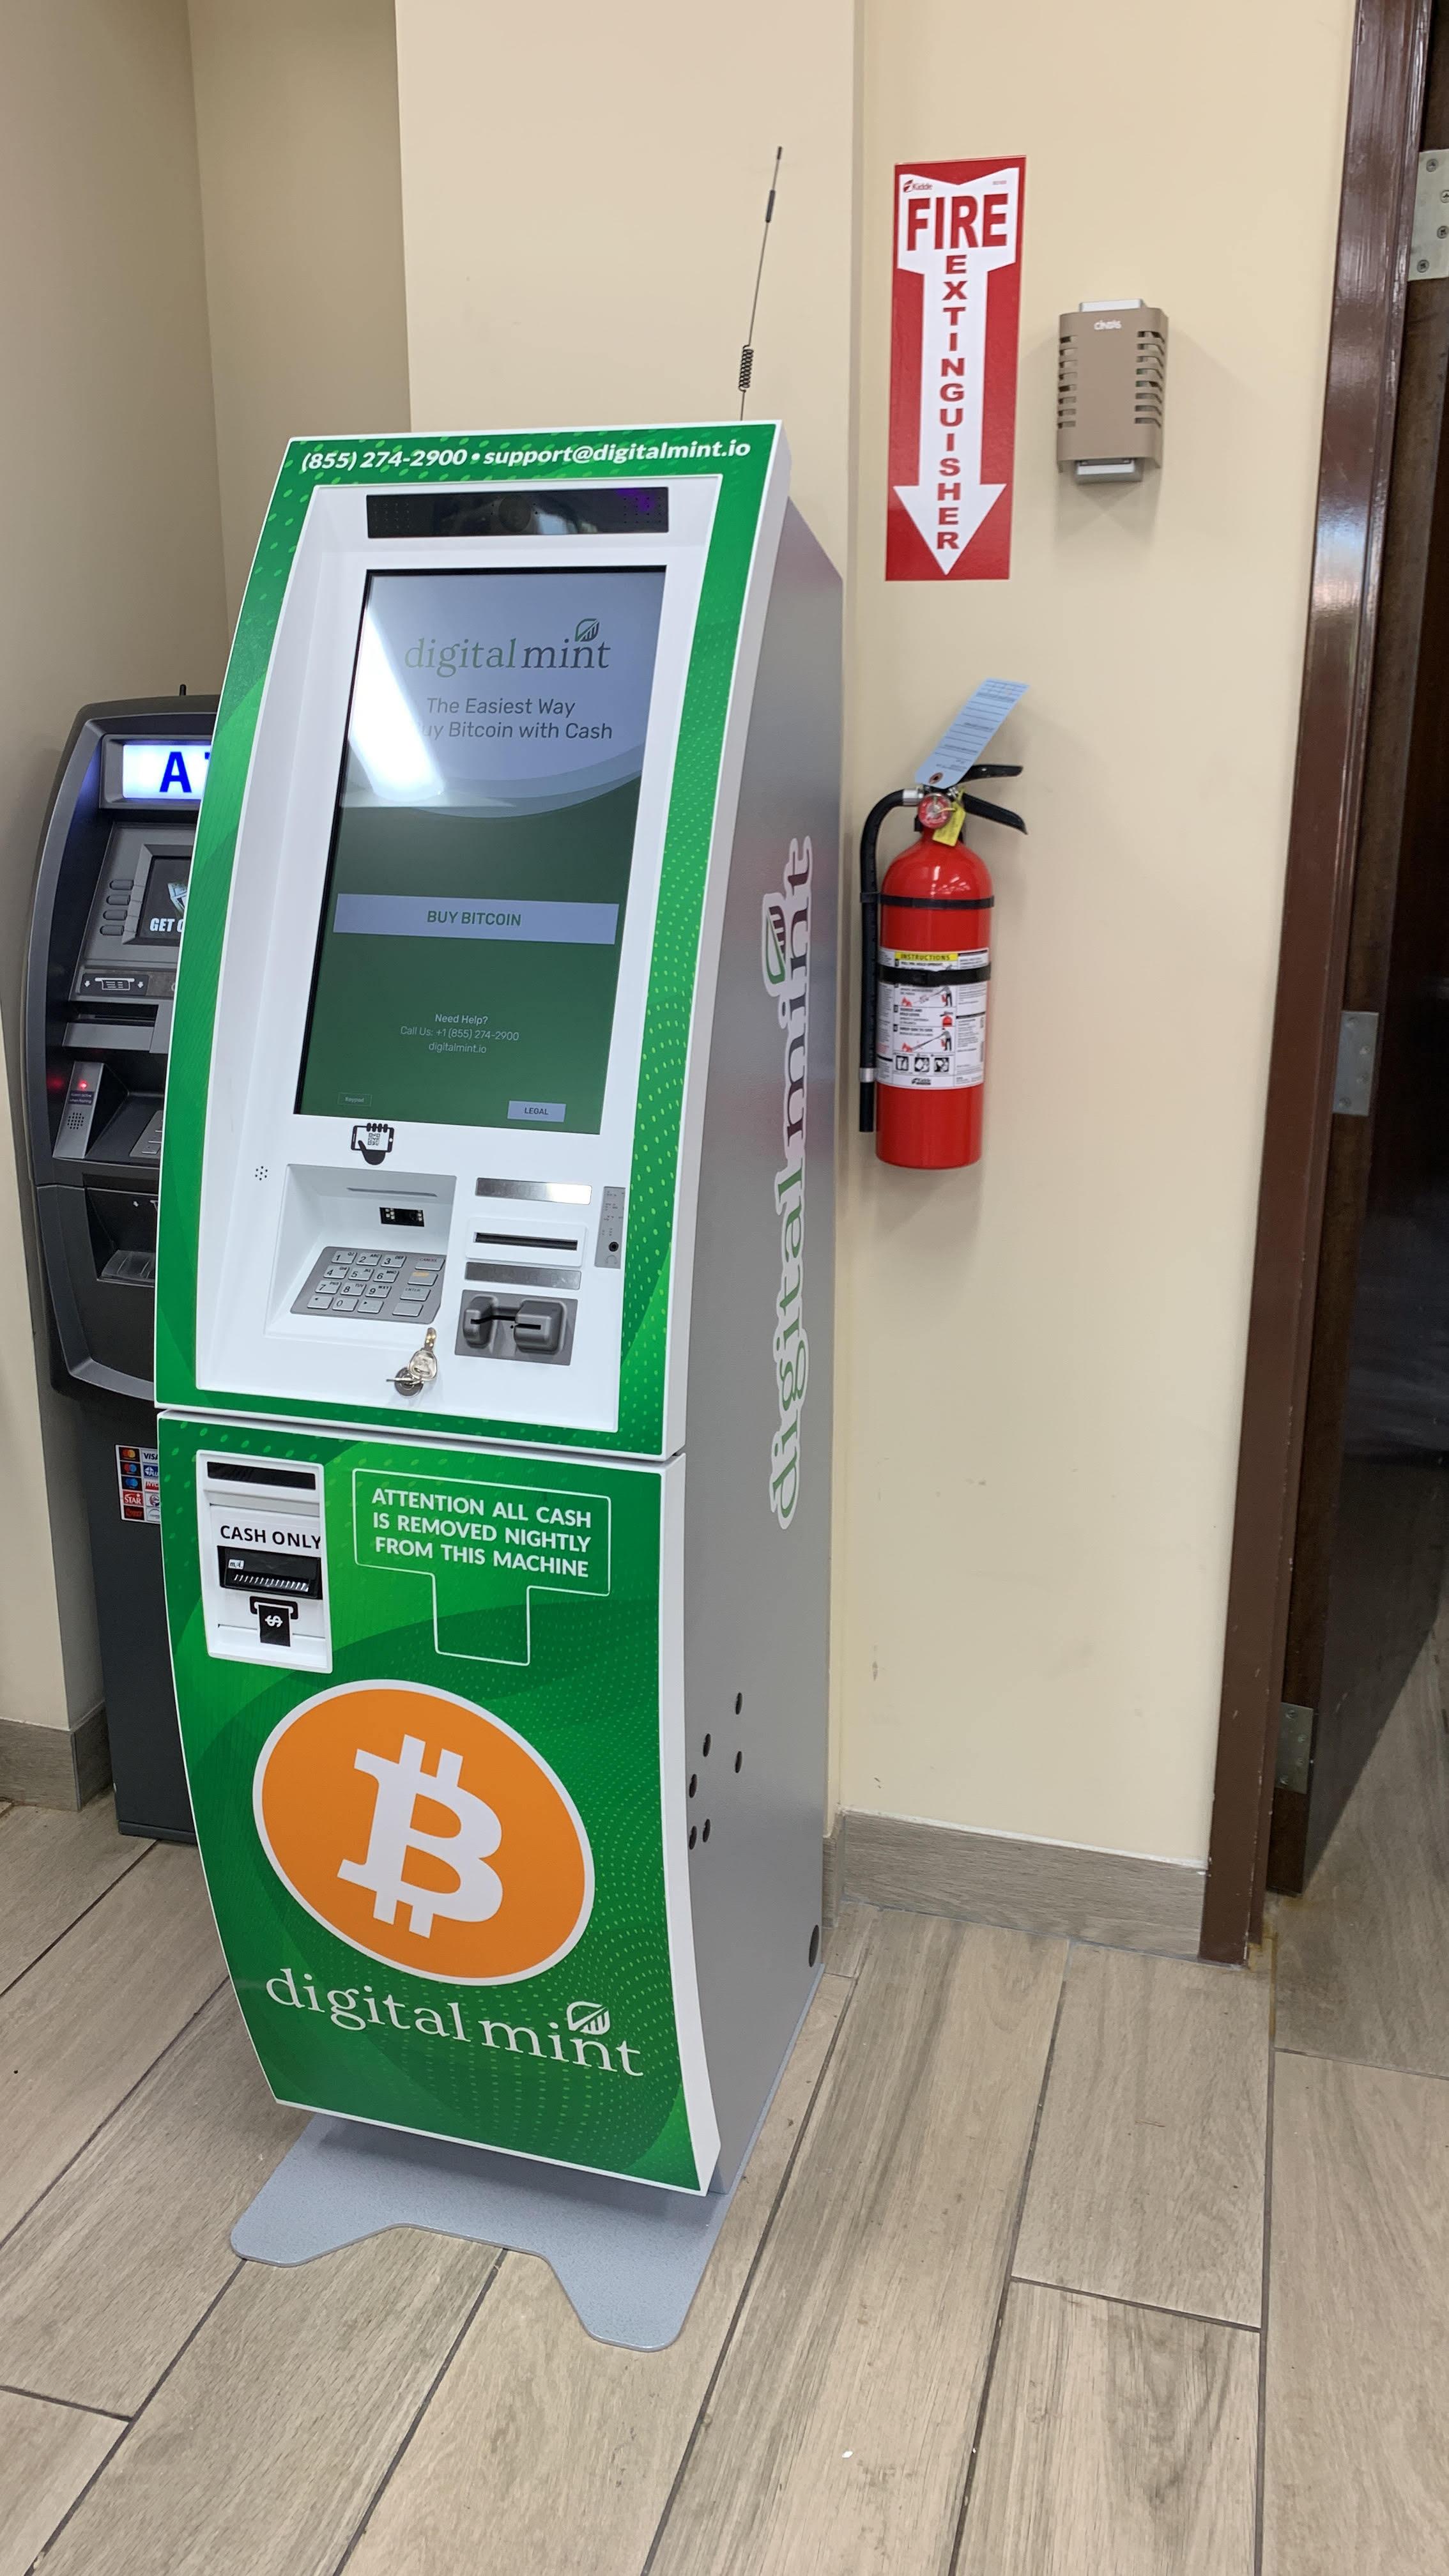 bitcoin digital mint bitcoin)